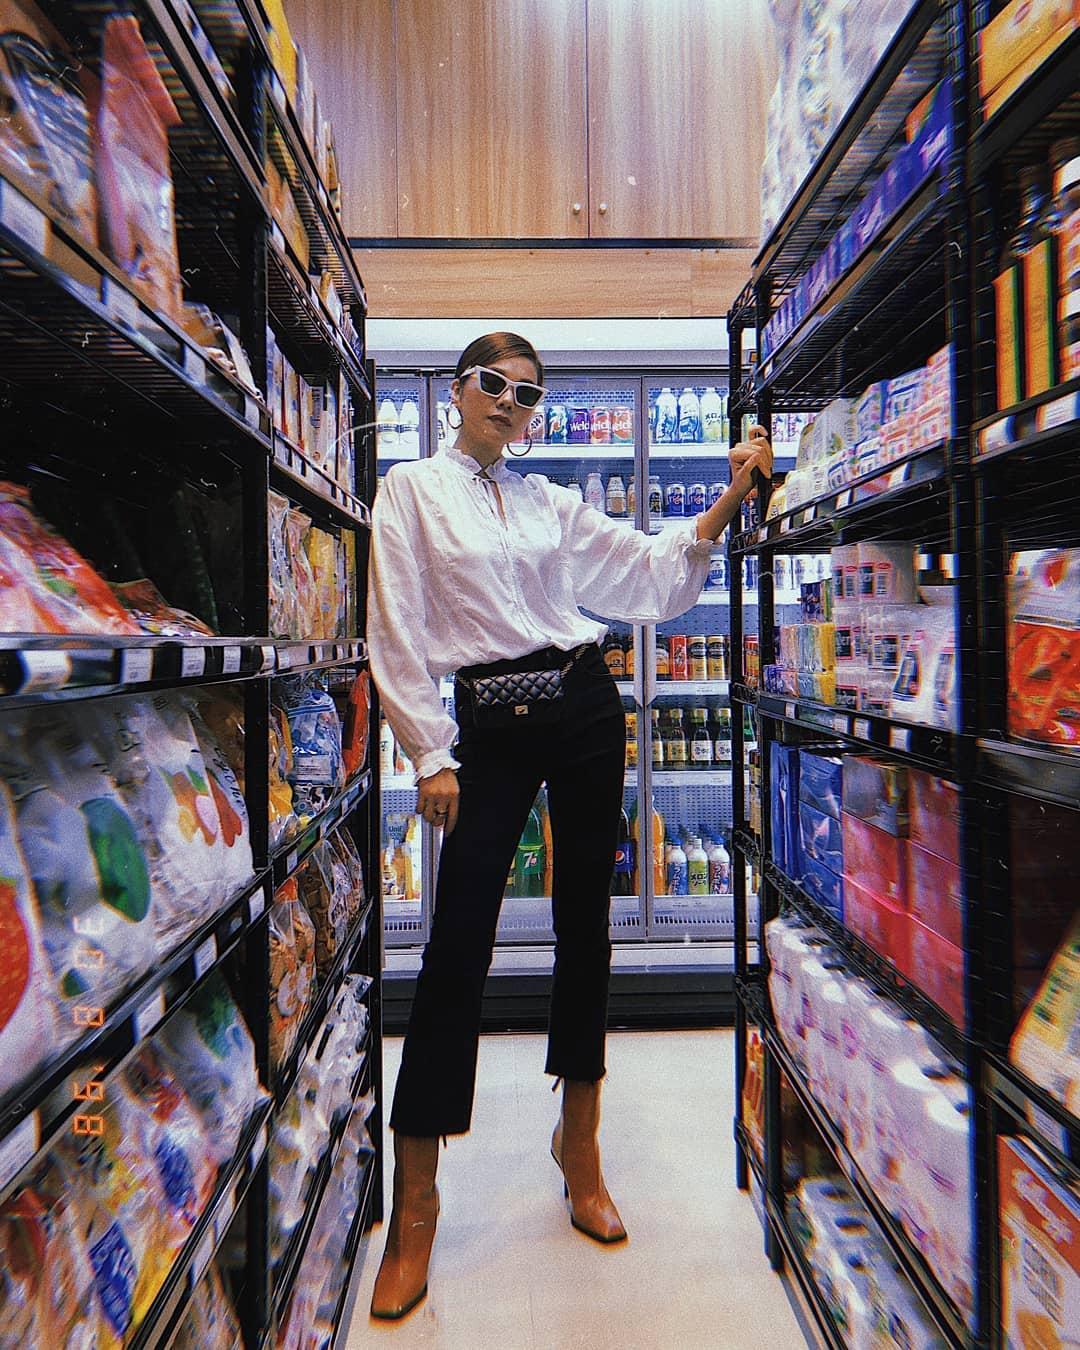 xu hướng thời trang 2019 - thanh hằng